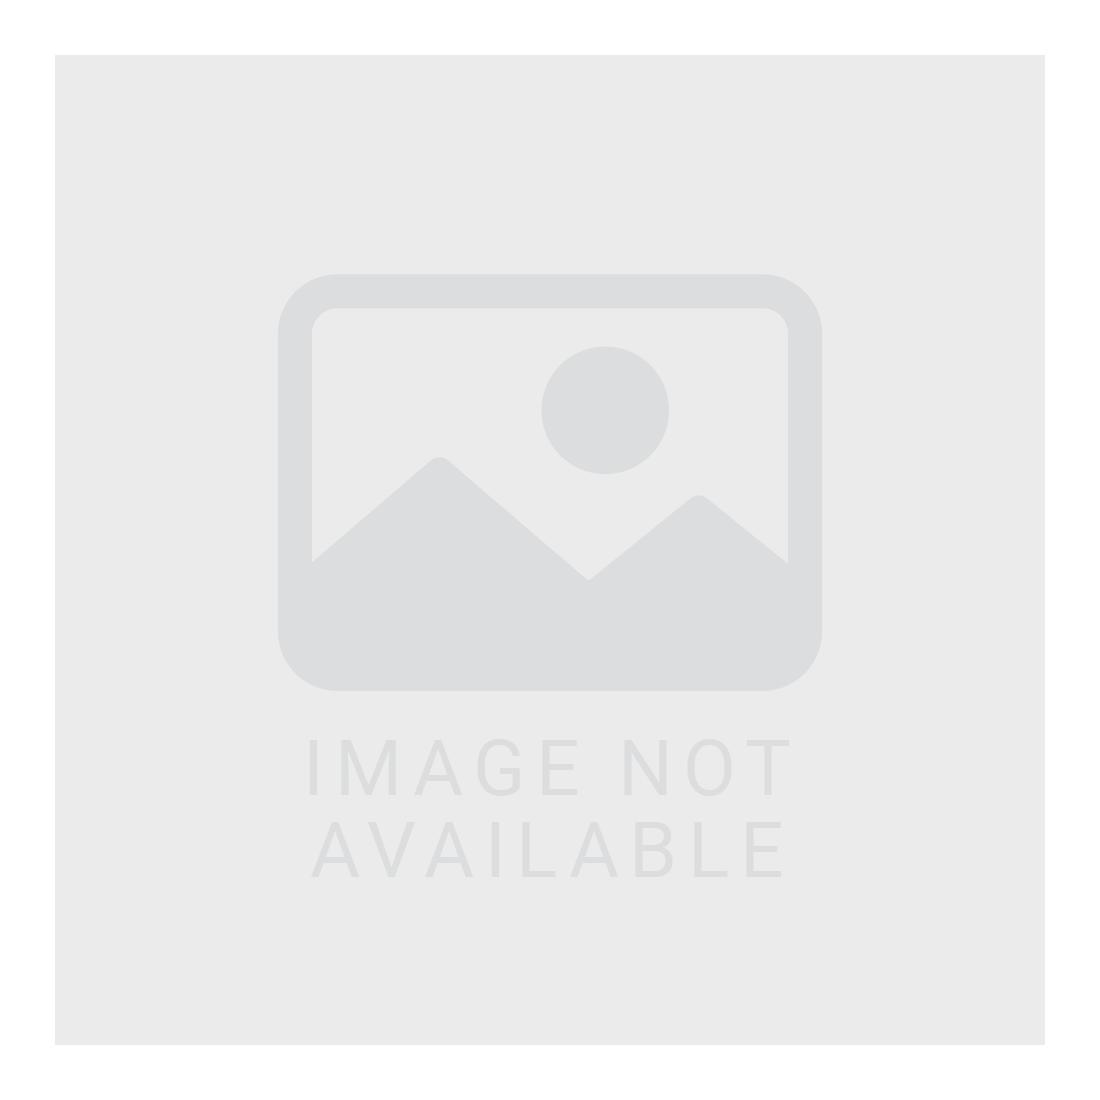 24 oz Contigo Water Bottle